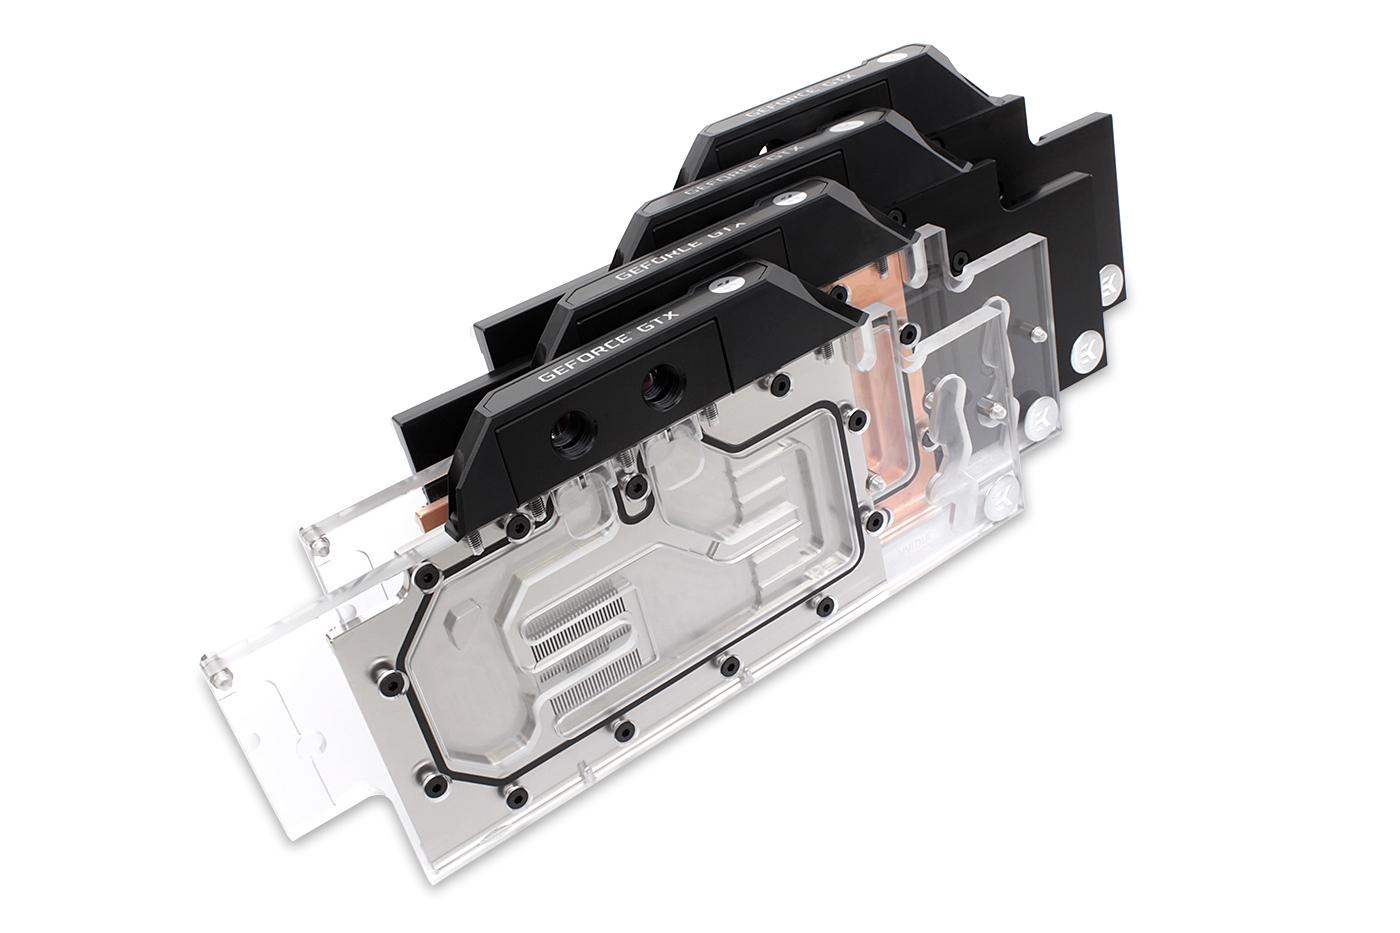 EKWB EK-FC GeForce GTX FE RGB GPU Waterblock Nickel